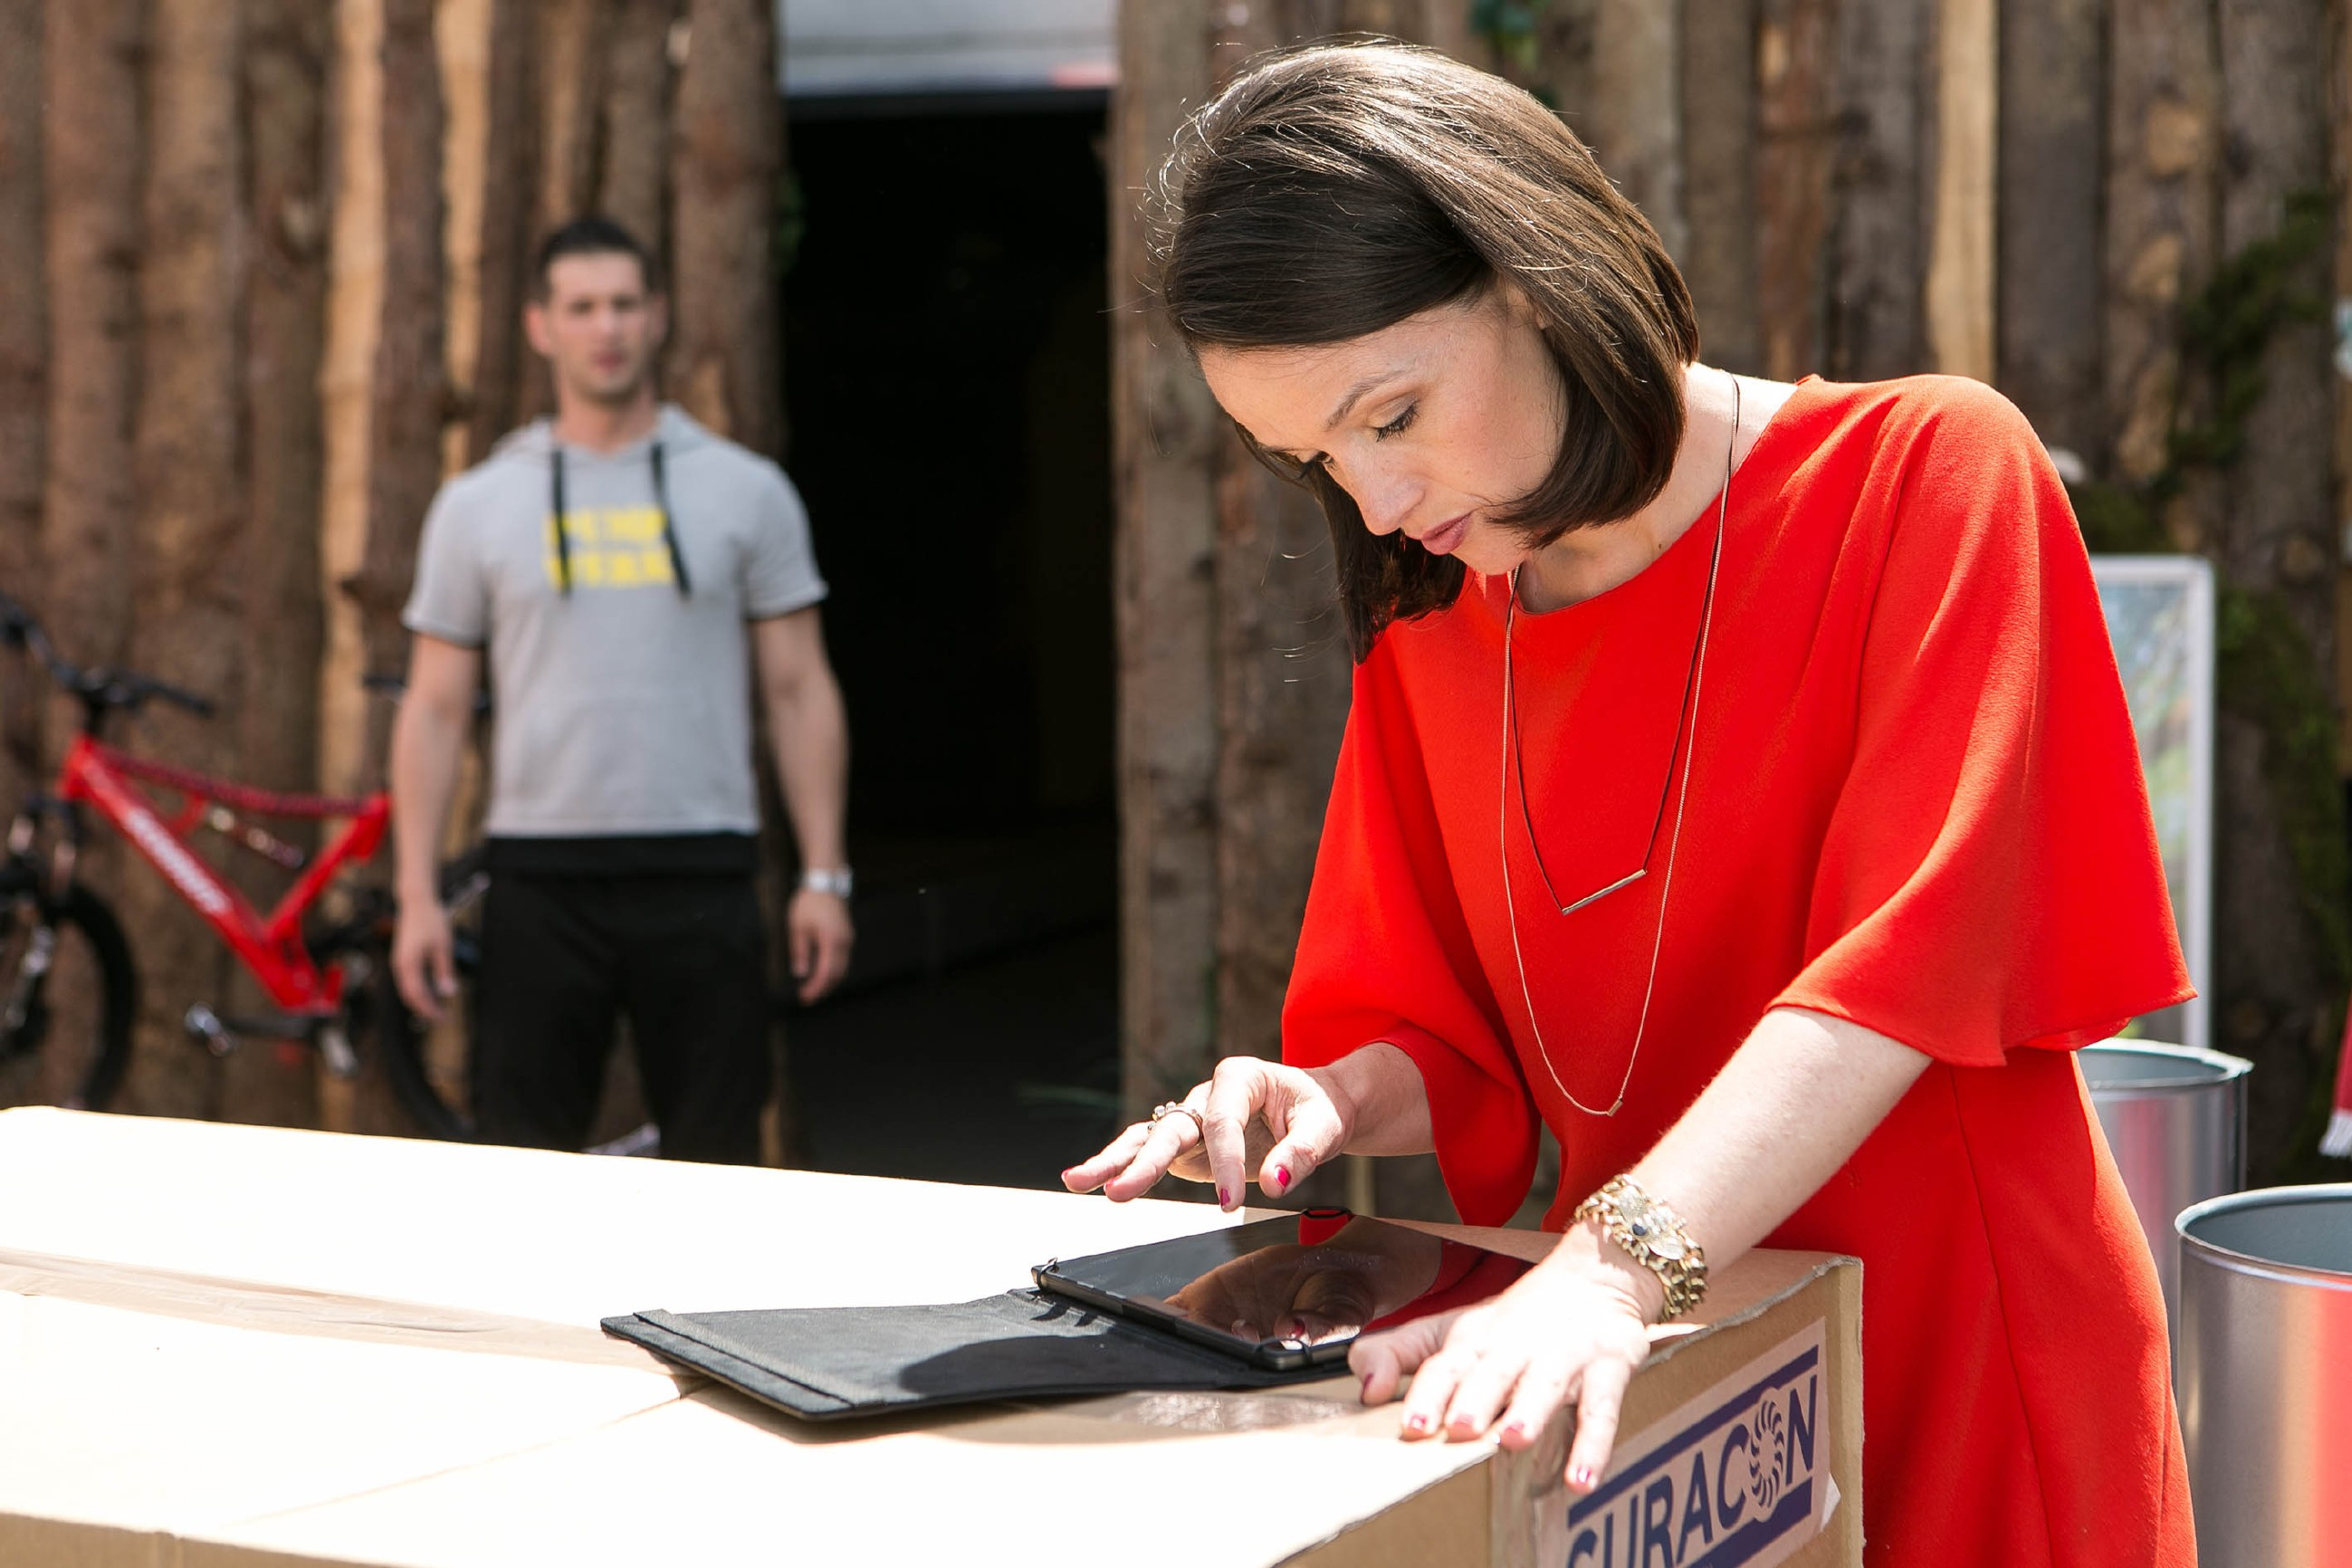 Während Deniz (Igor Dolgatschew) sich um seine neue Klimanlage kümmert und seinen Laptop unbeobachtet lässt, nutzt Jenny (Kaja Schmidt-Tychsen) die Gelegenheit und wirft einen Blick darauf... (Quelle: RTL / Kai Schulz)